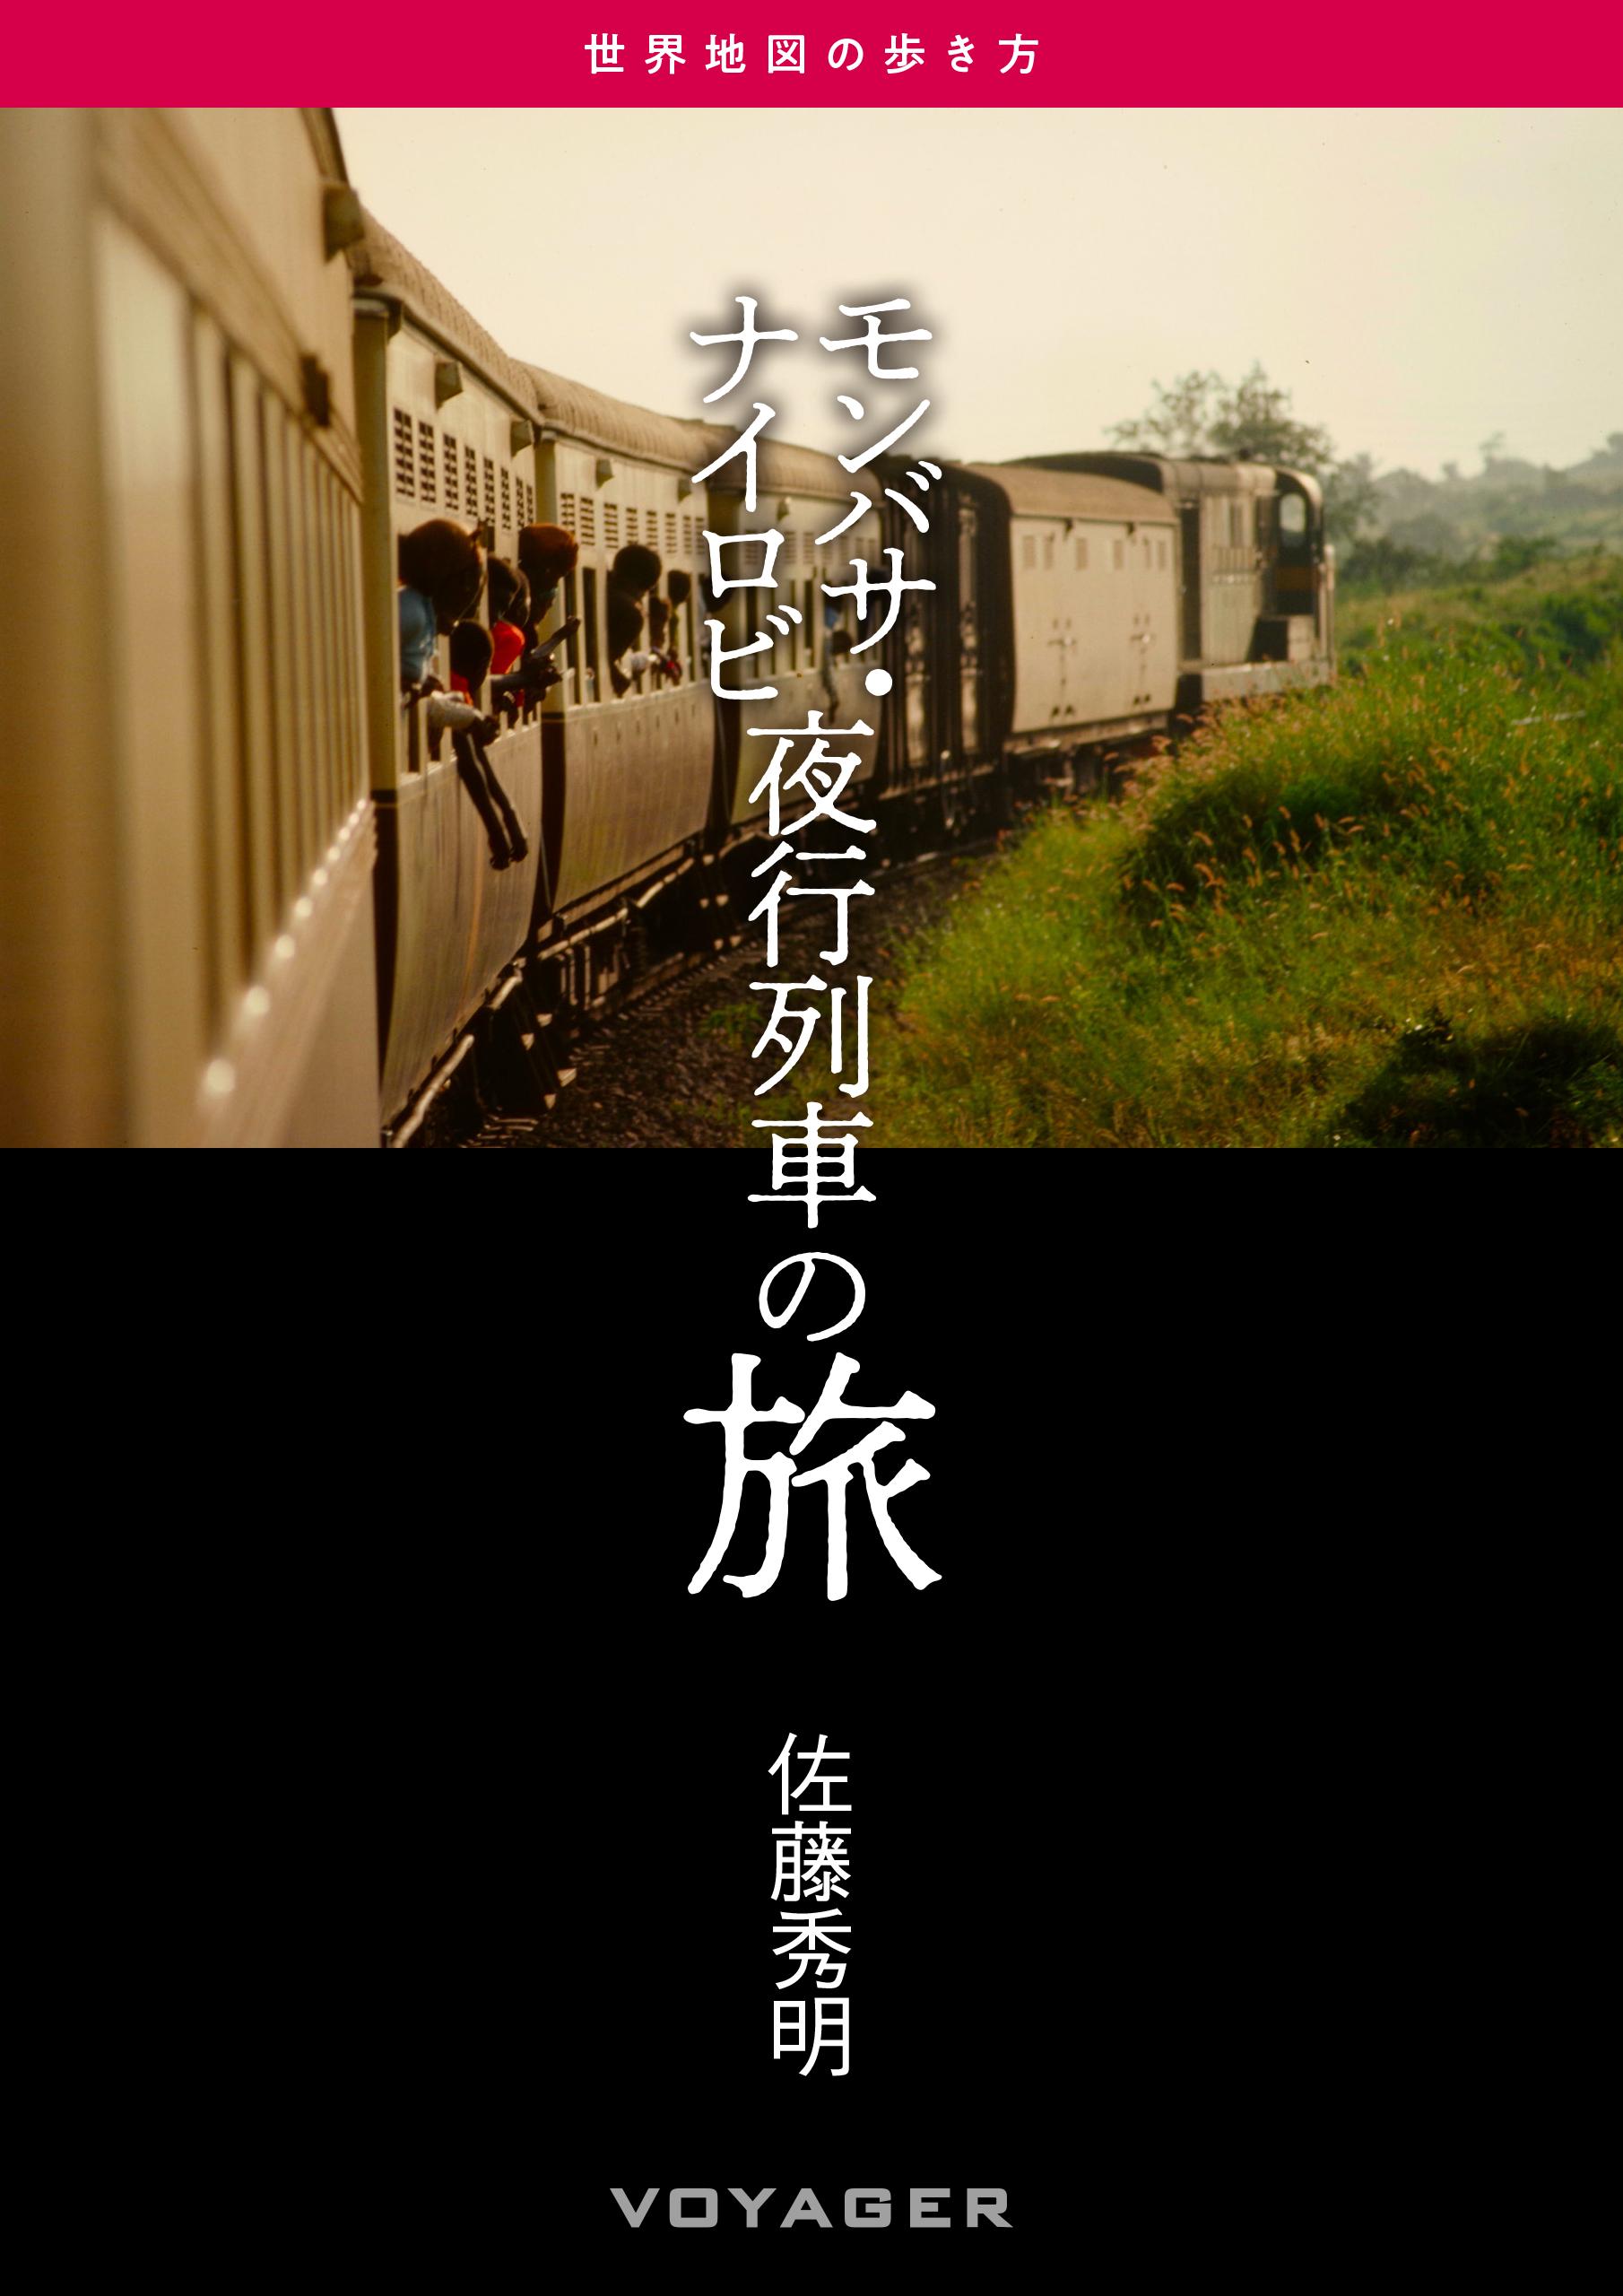 第27回『モンバサ・ナイロビ夜行列車の旅』